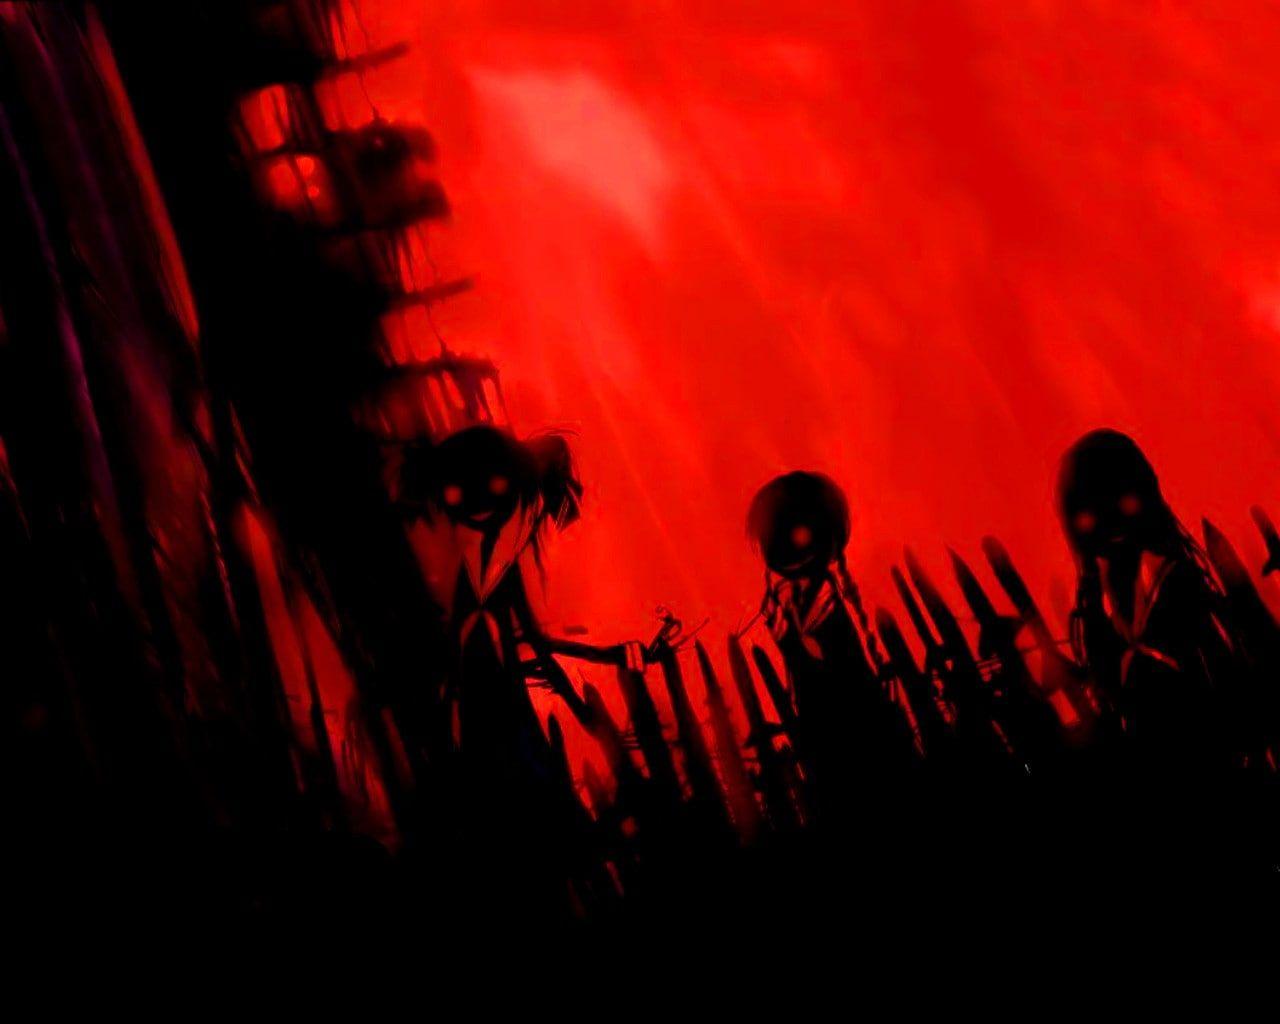 Horror Anime Girls Anime Horror Anime Red Black 720p Wallpaper Hdwallpaper Desktop Anime Cover Photo Anime Background Anime Wallpaper Iphone